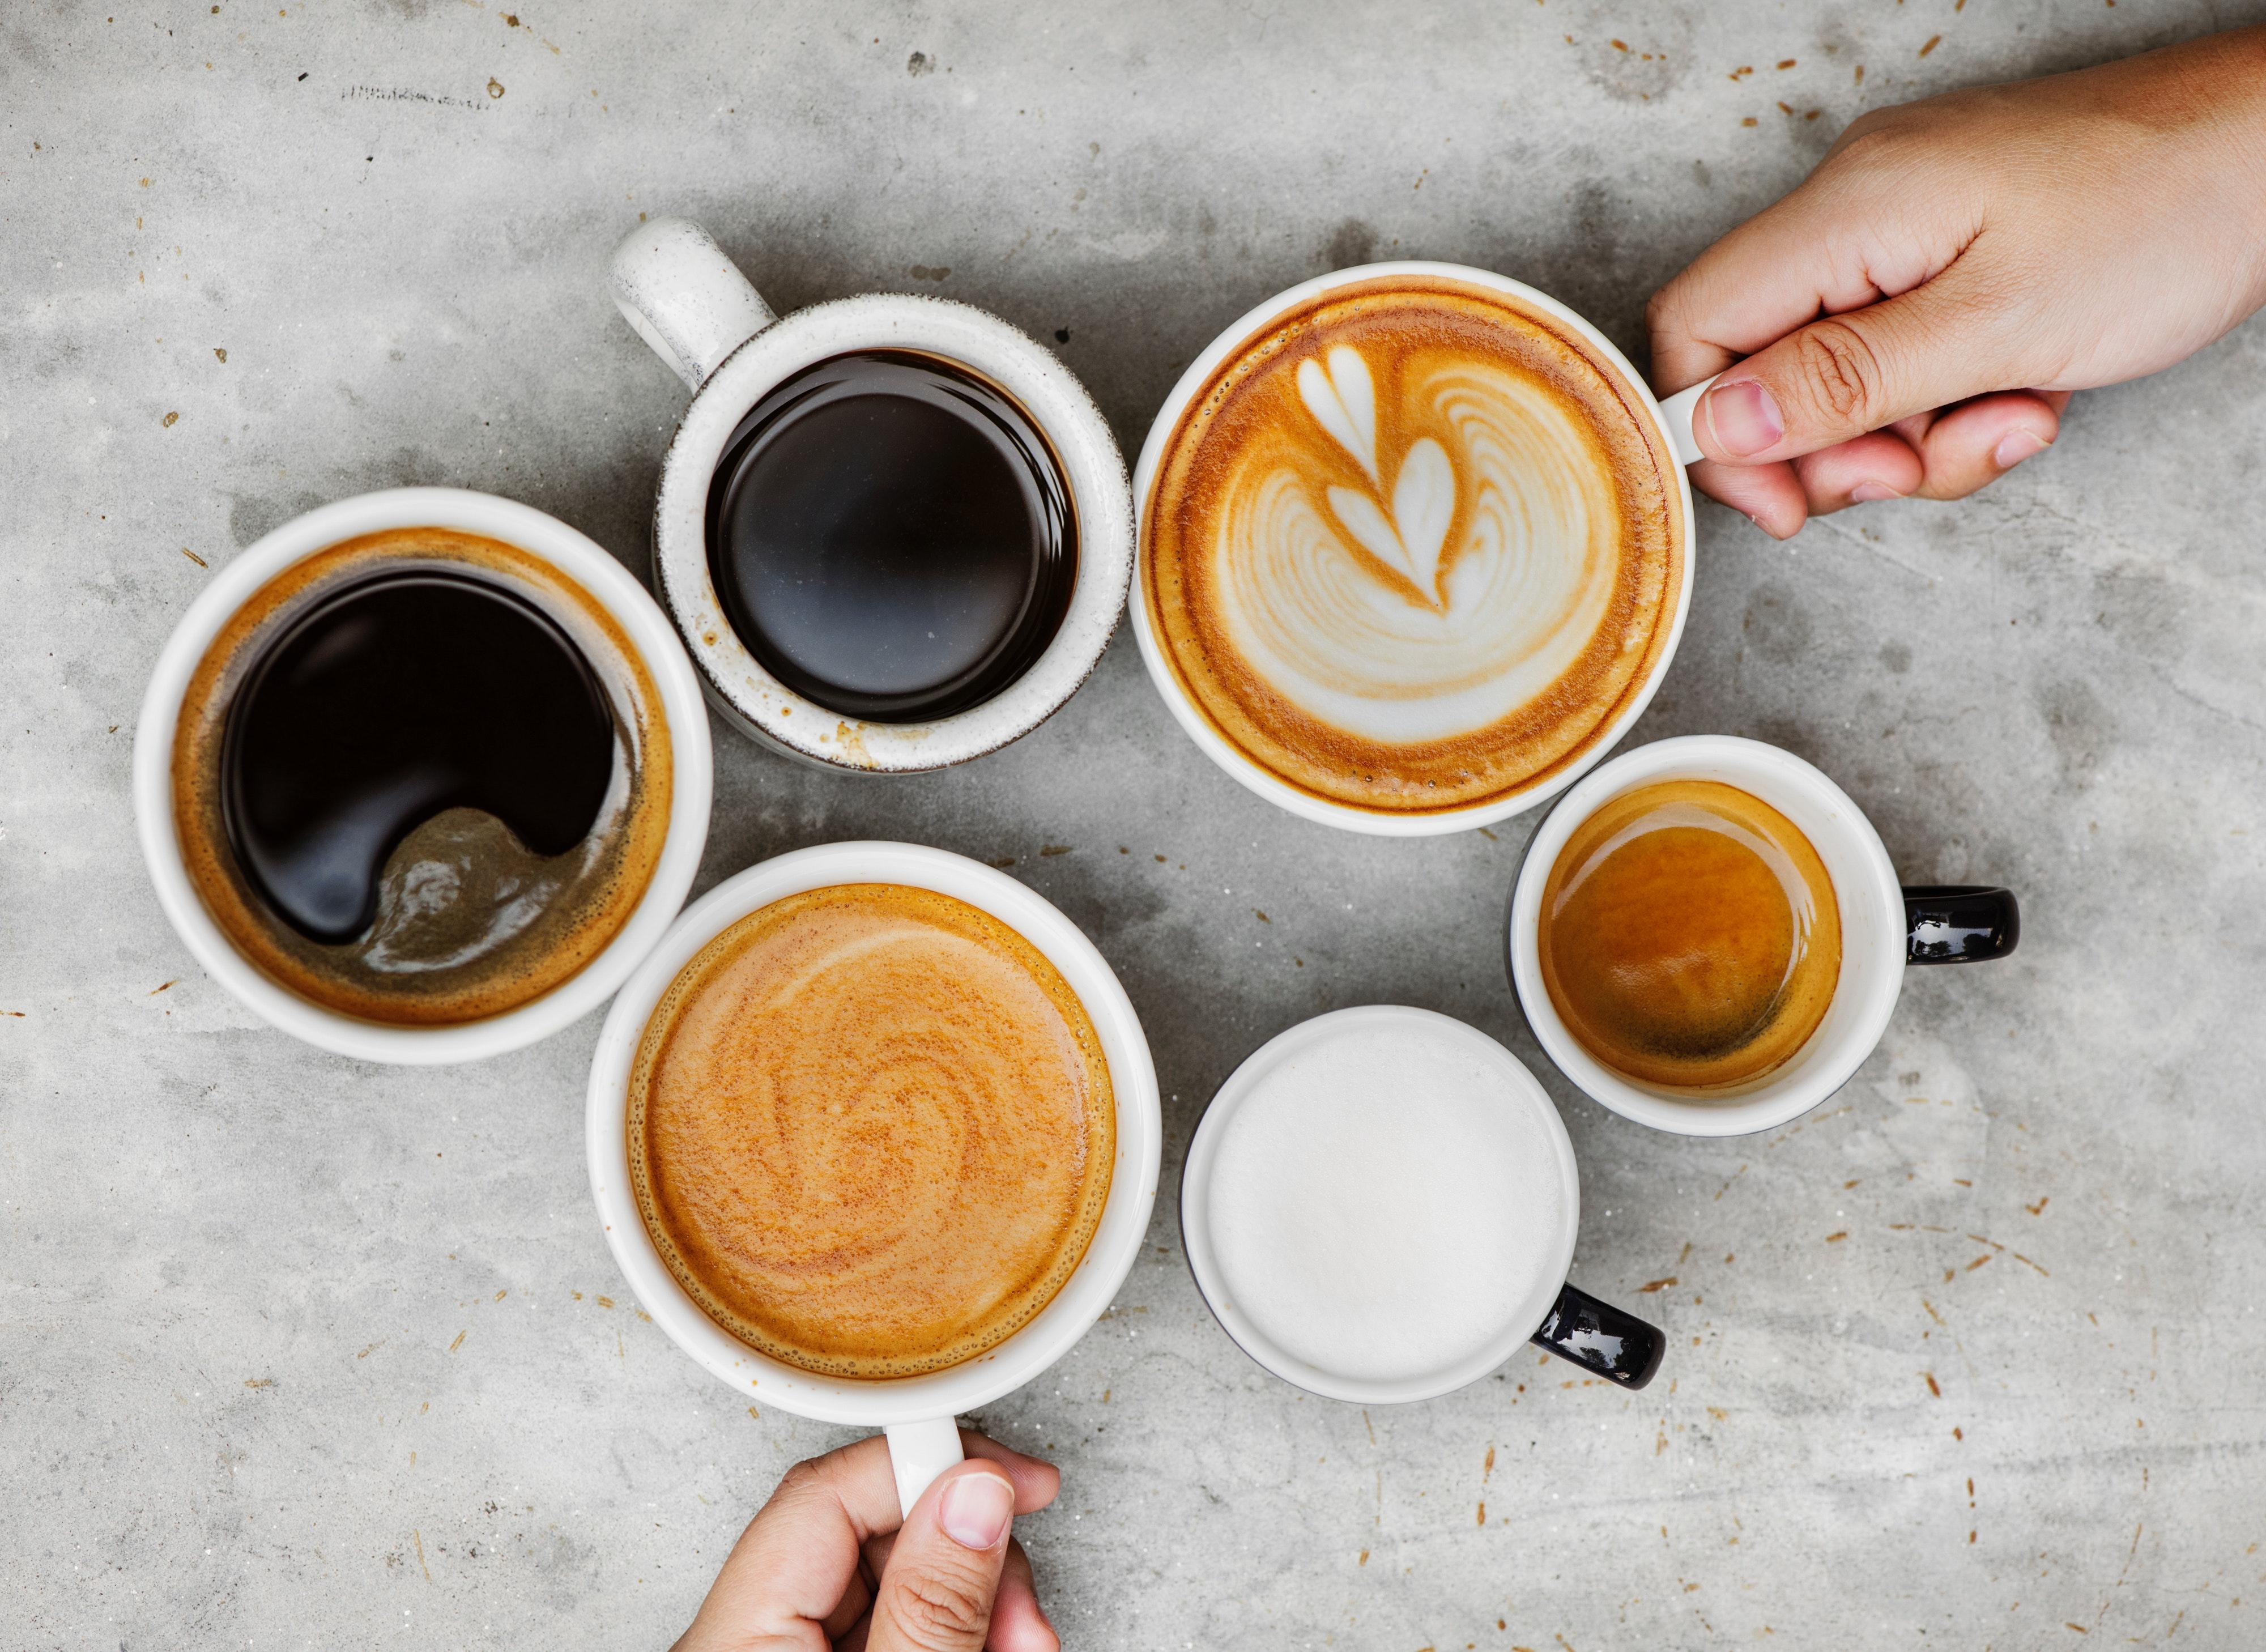 aroma-cafeine-cappuccino-1251175